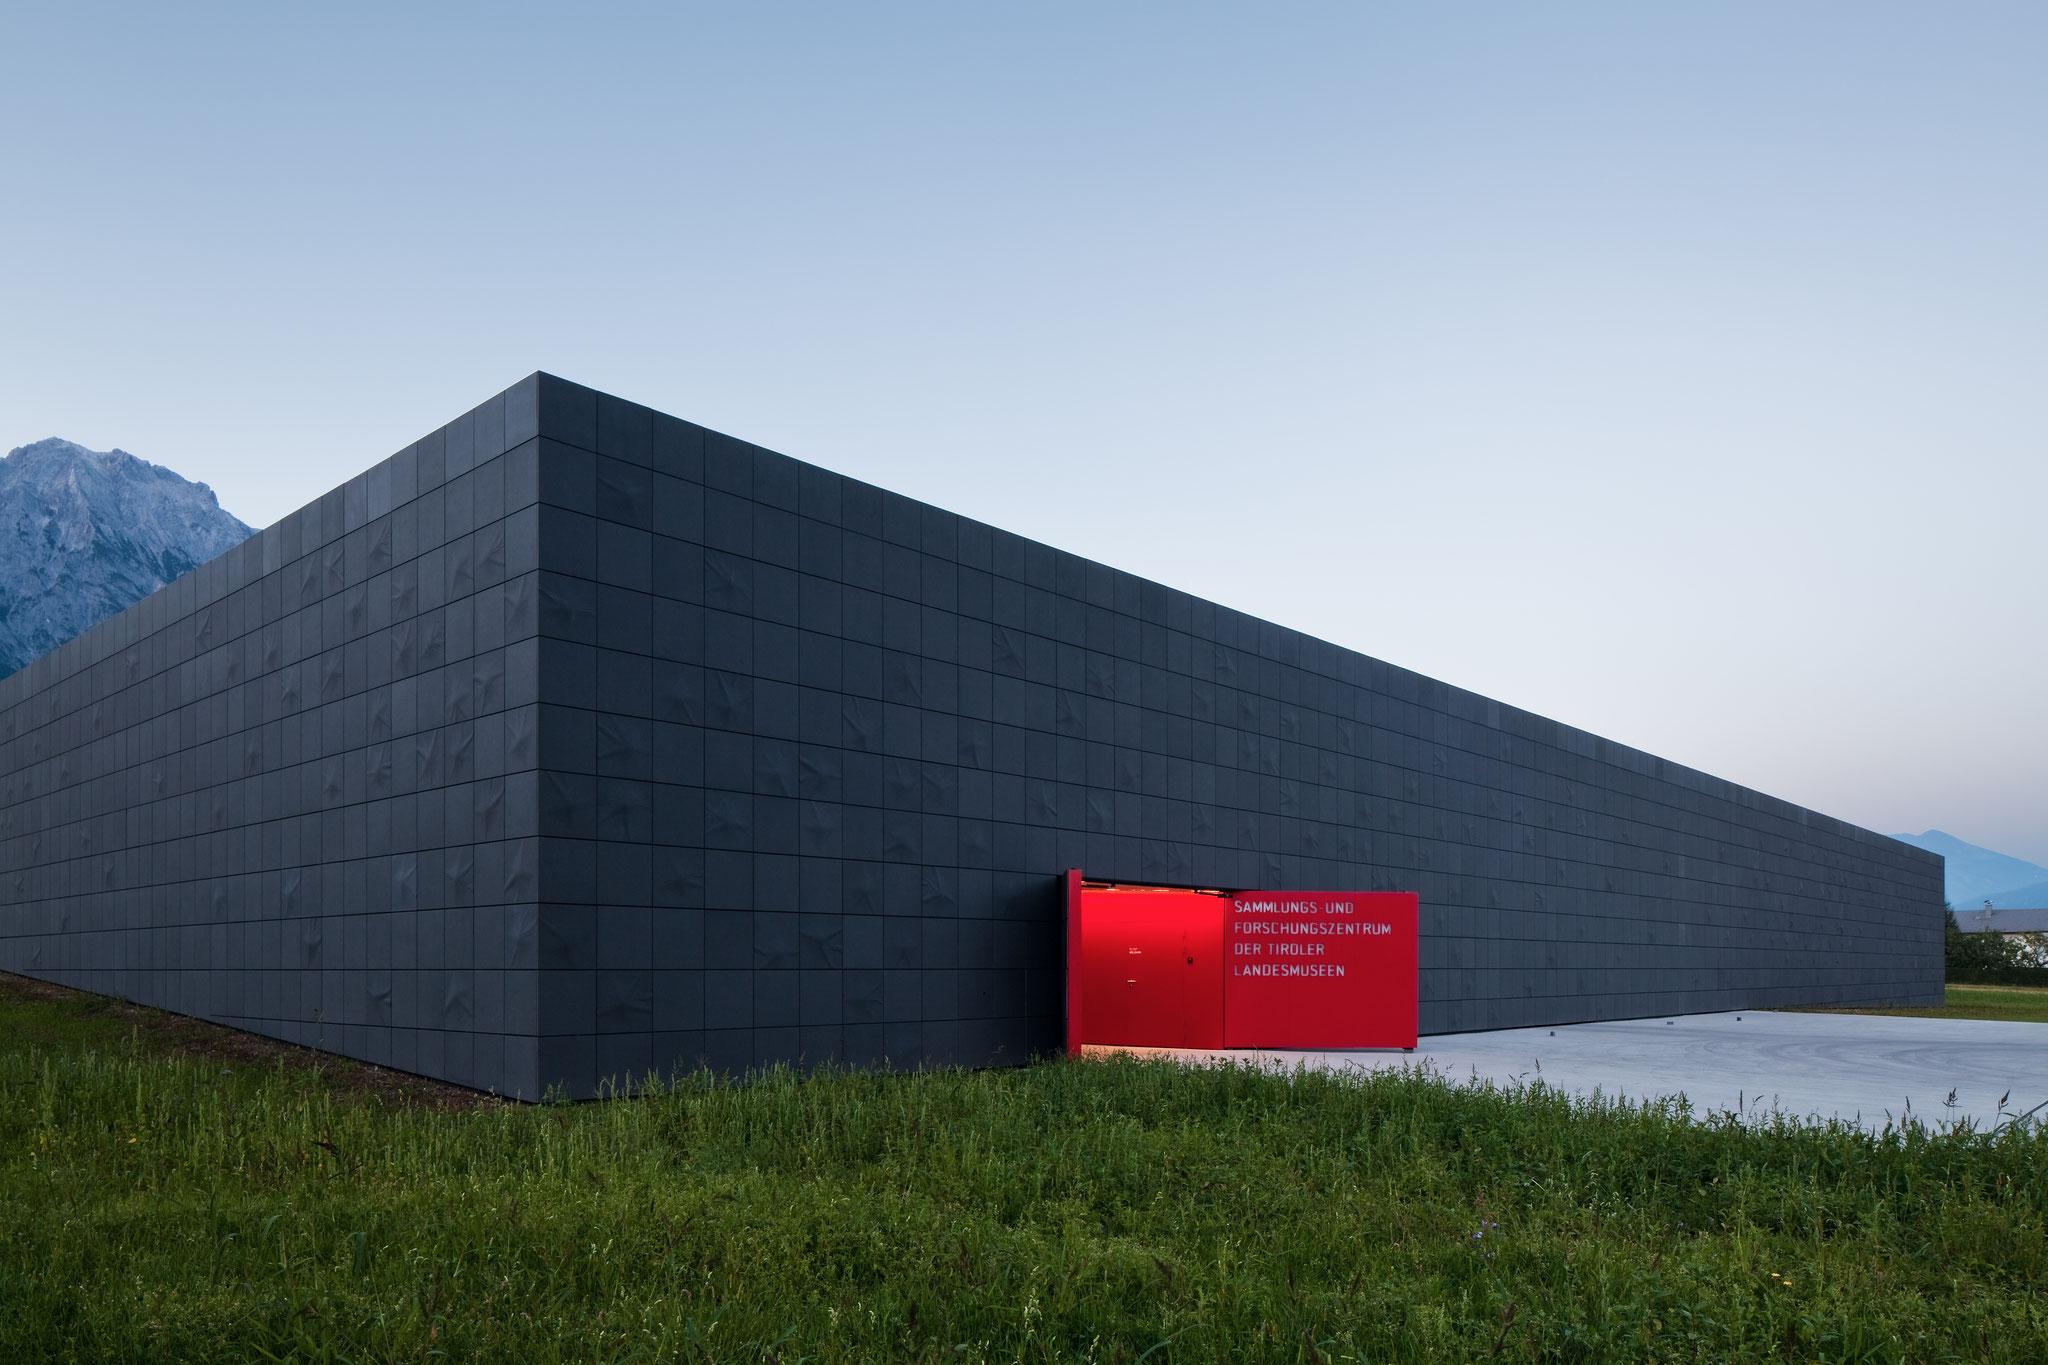 Sammlungs- und Forschungszentrum